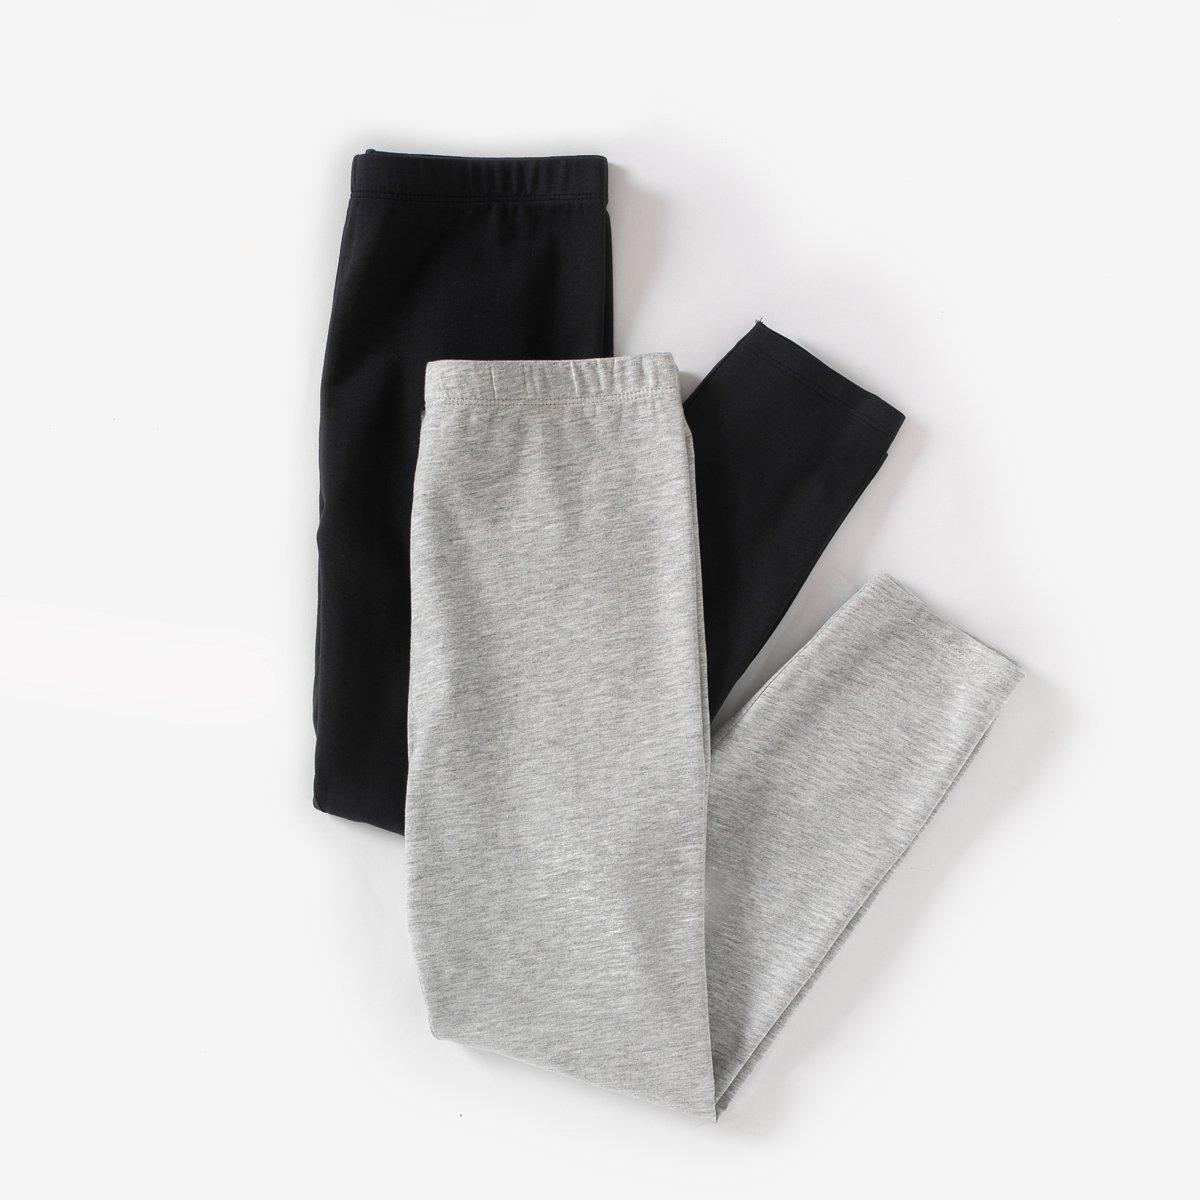 Леггинсы короткие (комплект из 2) 10-16 летКороткие леггинсы, 95% хлопка, 5%   эластана. Незаменимые и невероятно стильные! Придутся по душе маленьким модницам. Комплект из 2 . Эластичный пояс. Длина. до середины голени.<br><br>Цвет: черный + серый меланж<br>Размер: 16 лет